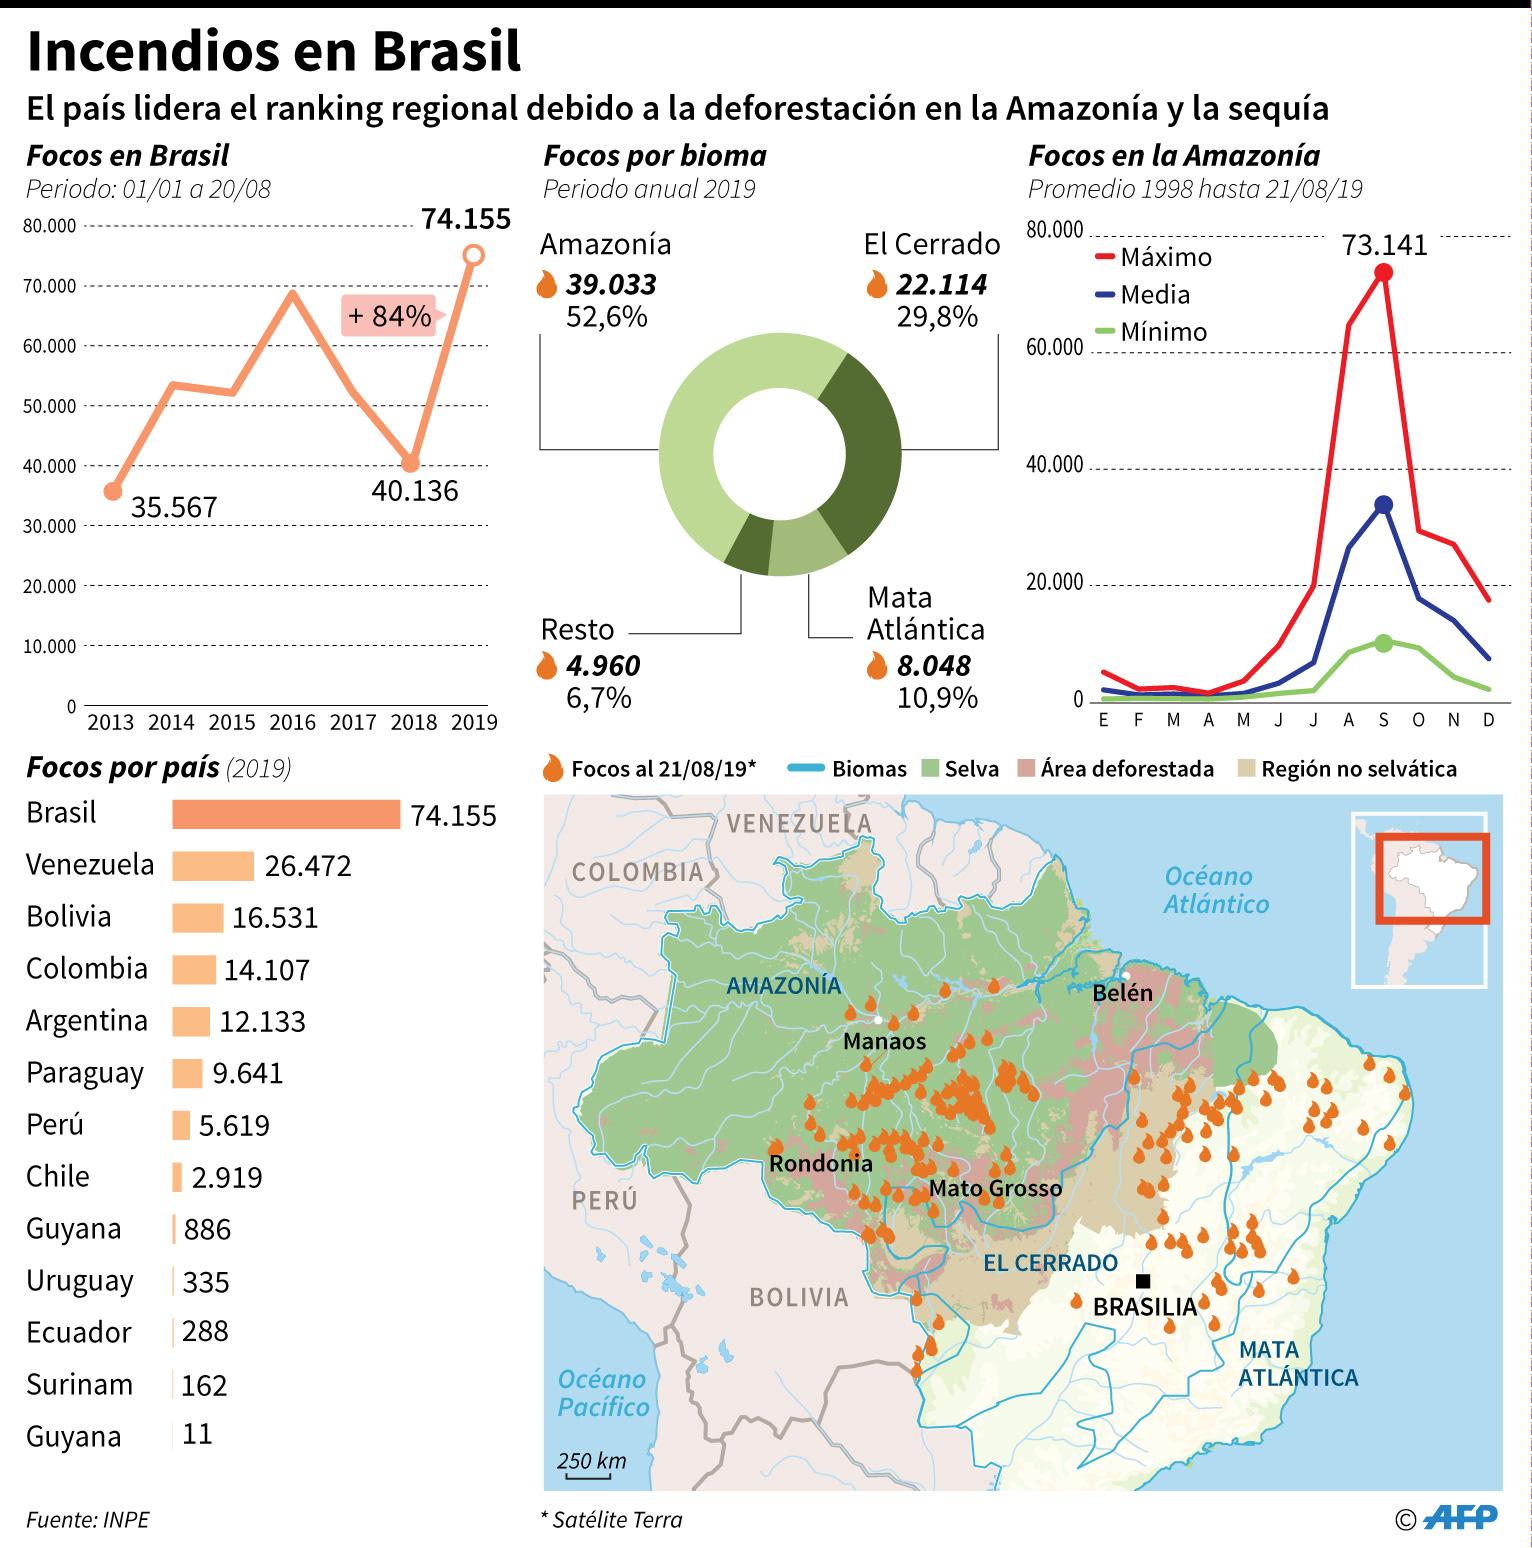 Localización y gráficos comparativos de los focos de incendio en Brasil y la región. (AFP)